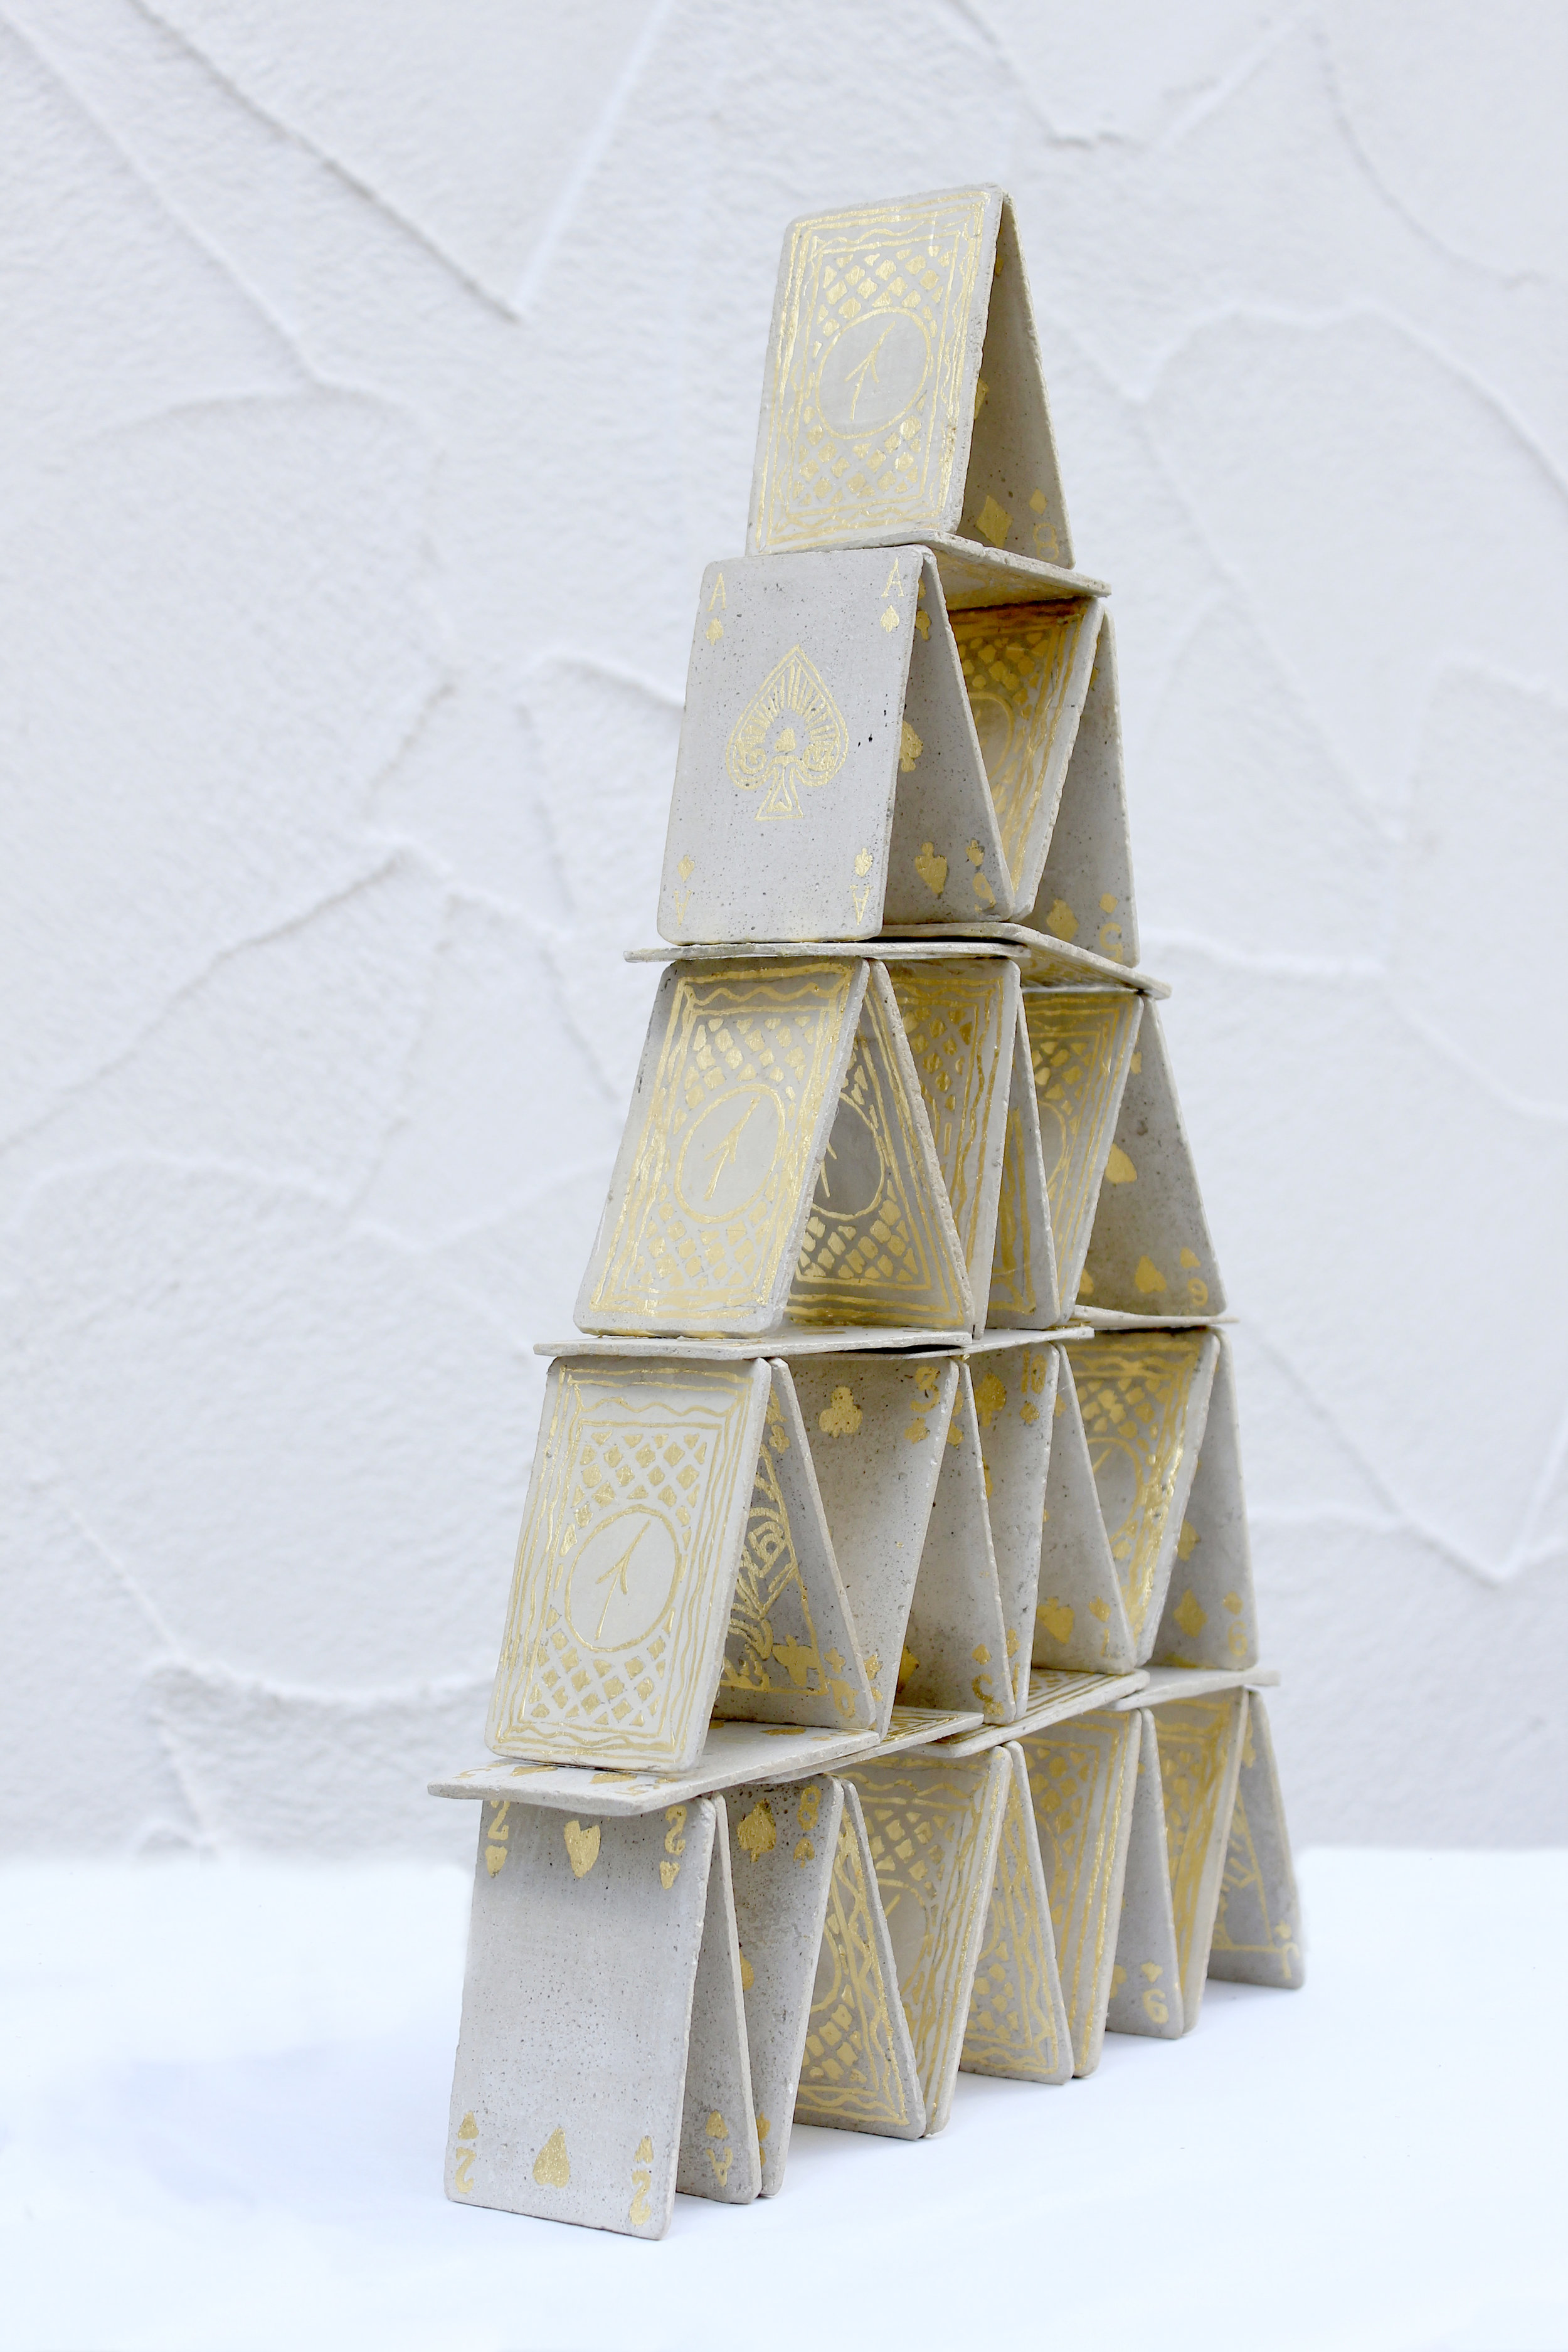 Jean-Charles Bureau_Double_V_Marseille_%22Construction d'un désespoir éphémère%22, béton ciré, feuille d'or, 50 x 30 x 6 cm.jpg